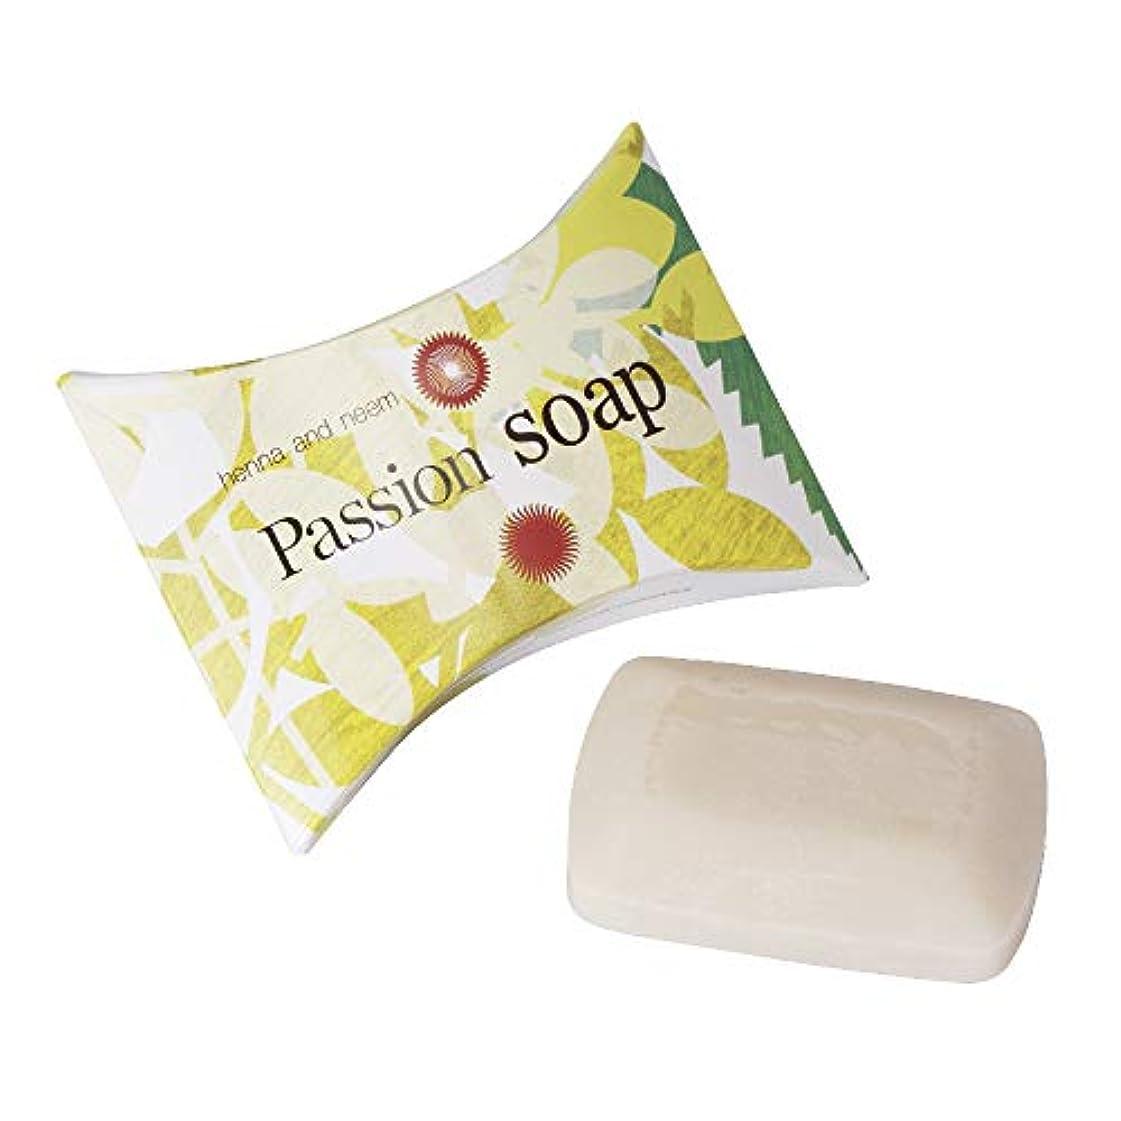 適応不一致修羅場ヘナソープ PASSION SOAP 天然サポニンで洗う優しいハーブ石鹸